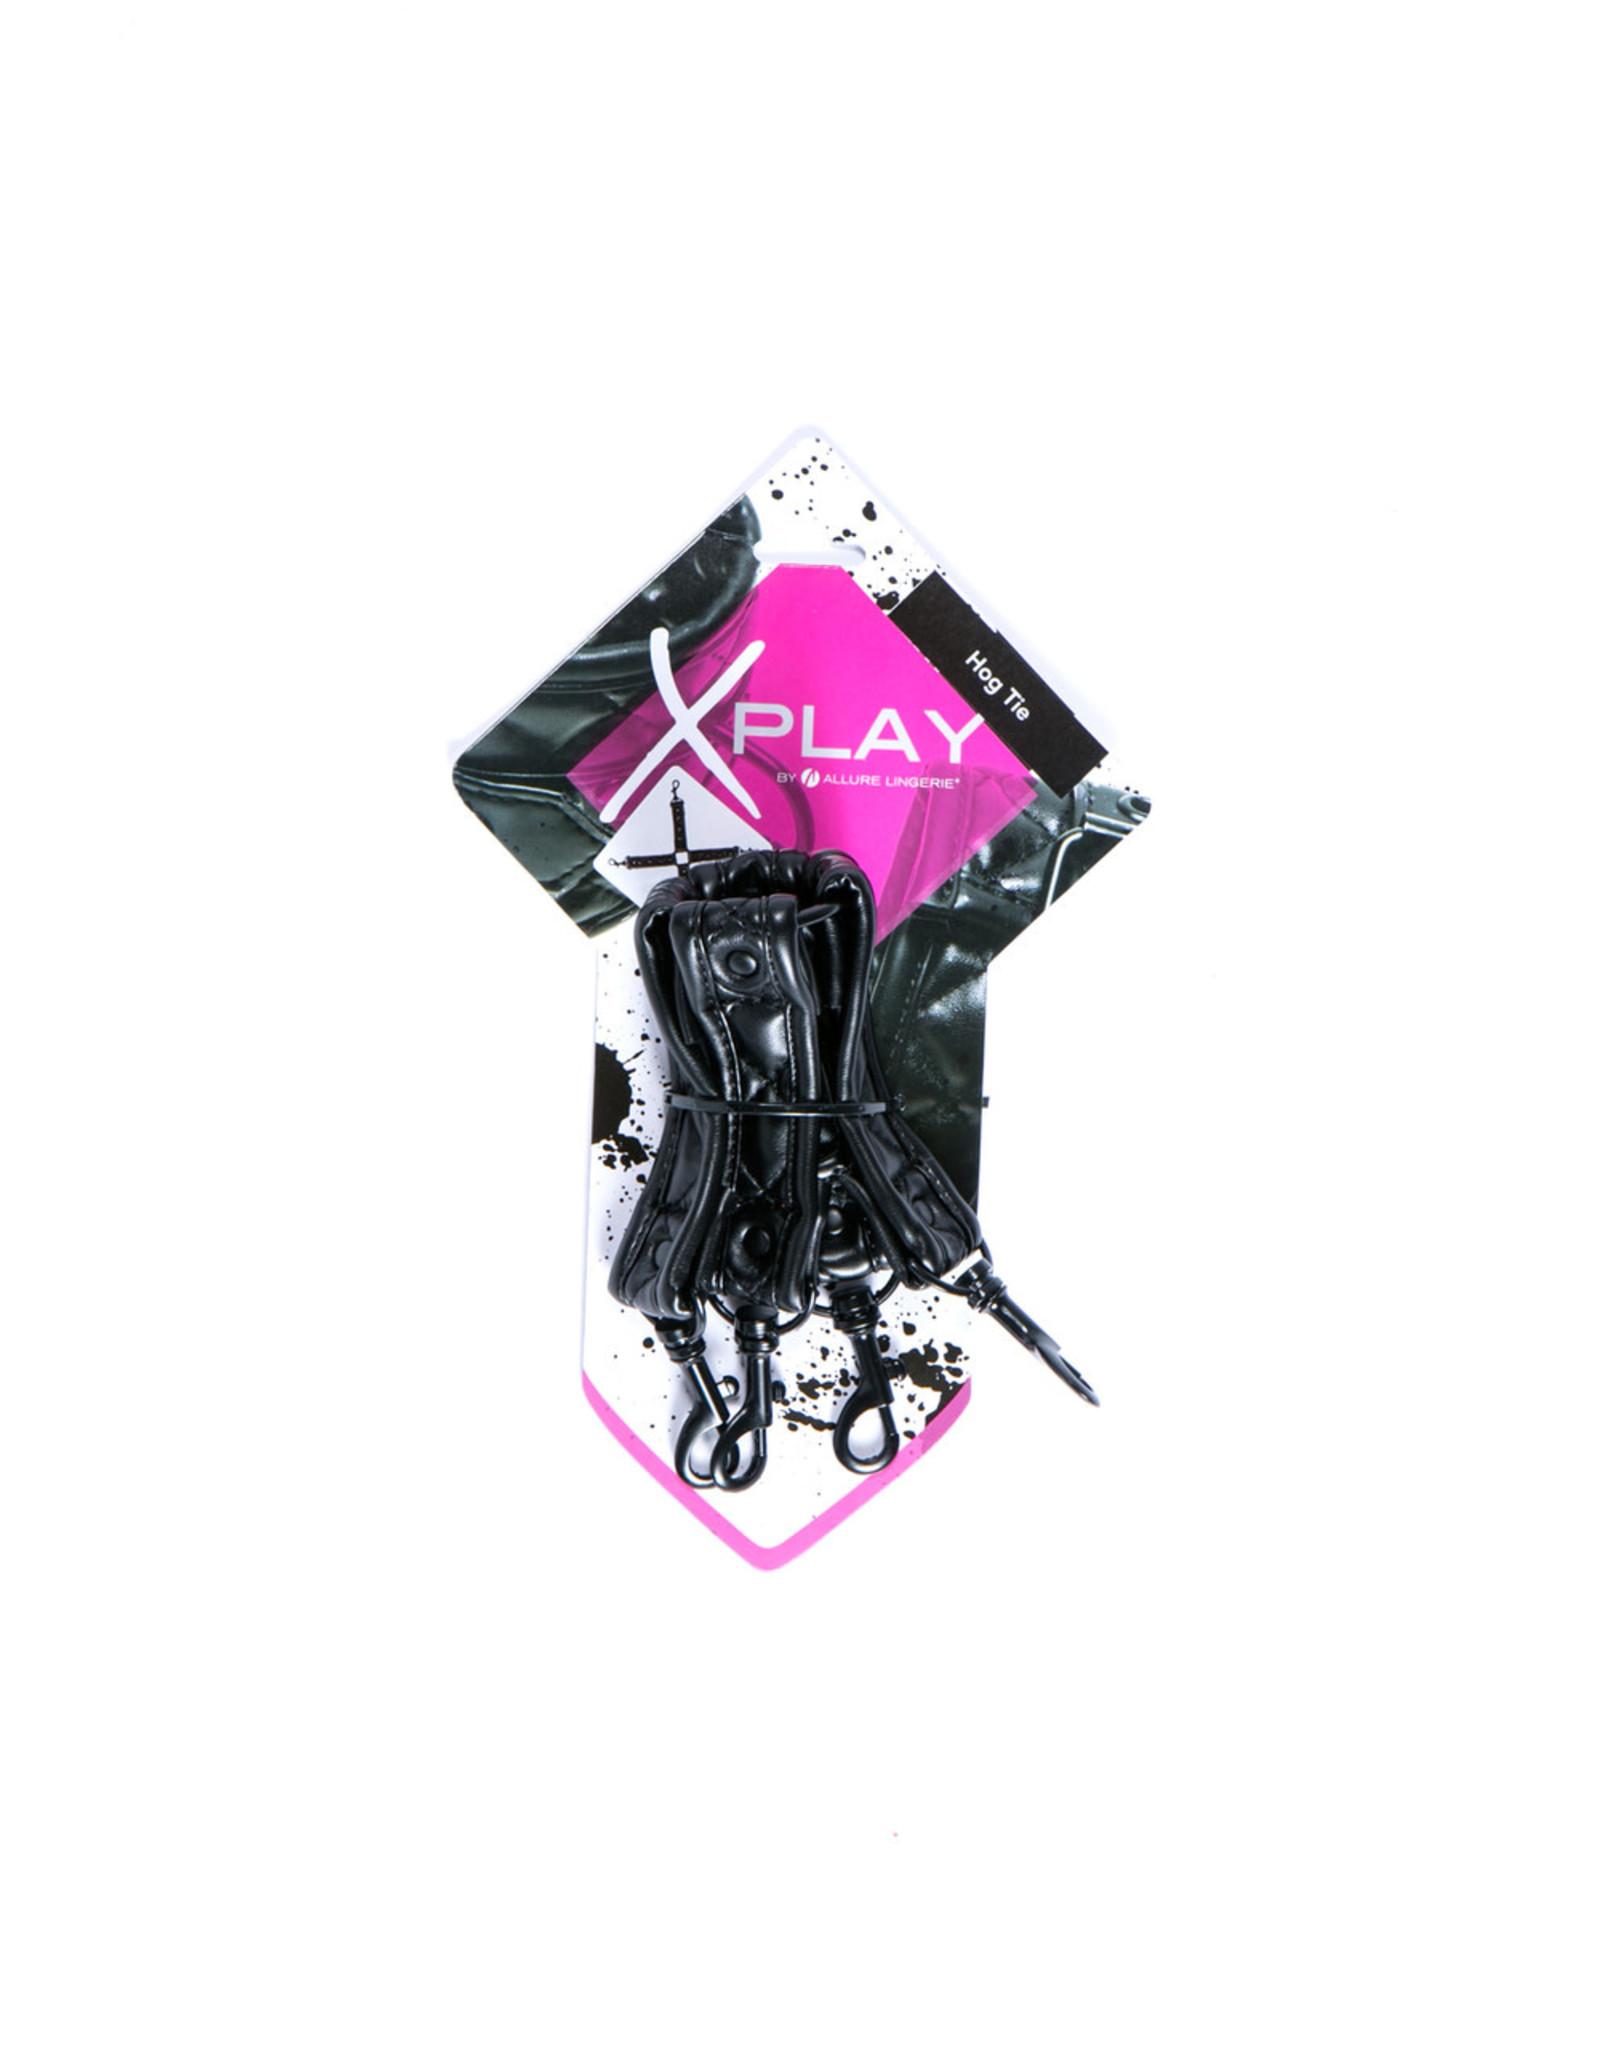 ALLURE LINGERIE XPLAY - HOG TIE - BLACK